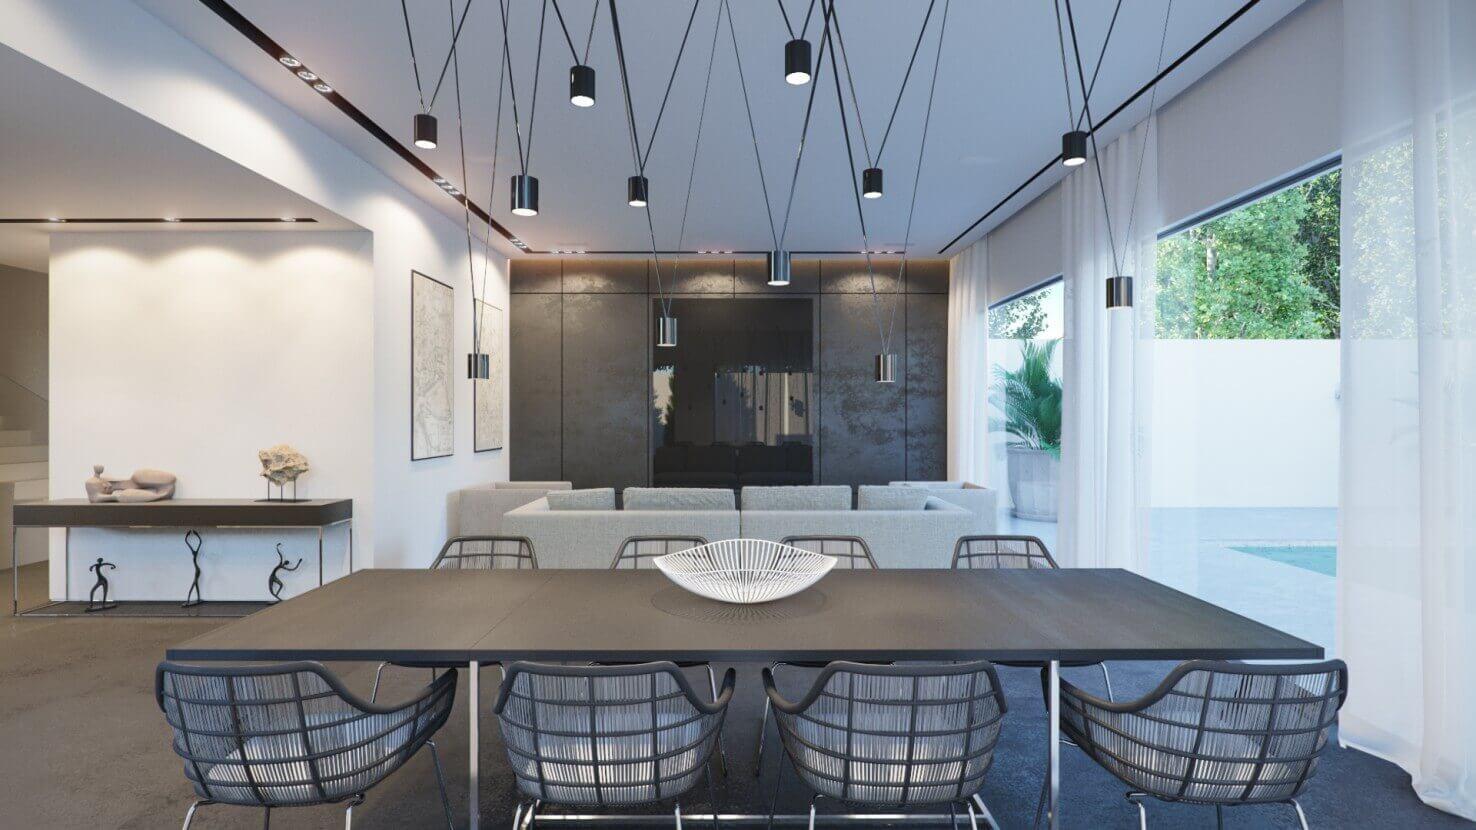 עיצוב תאורה - להאיר את הבית